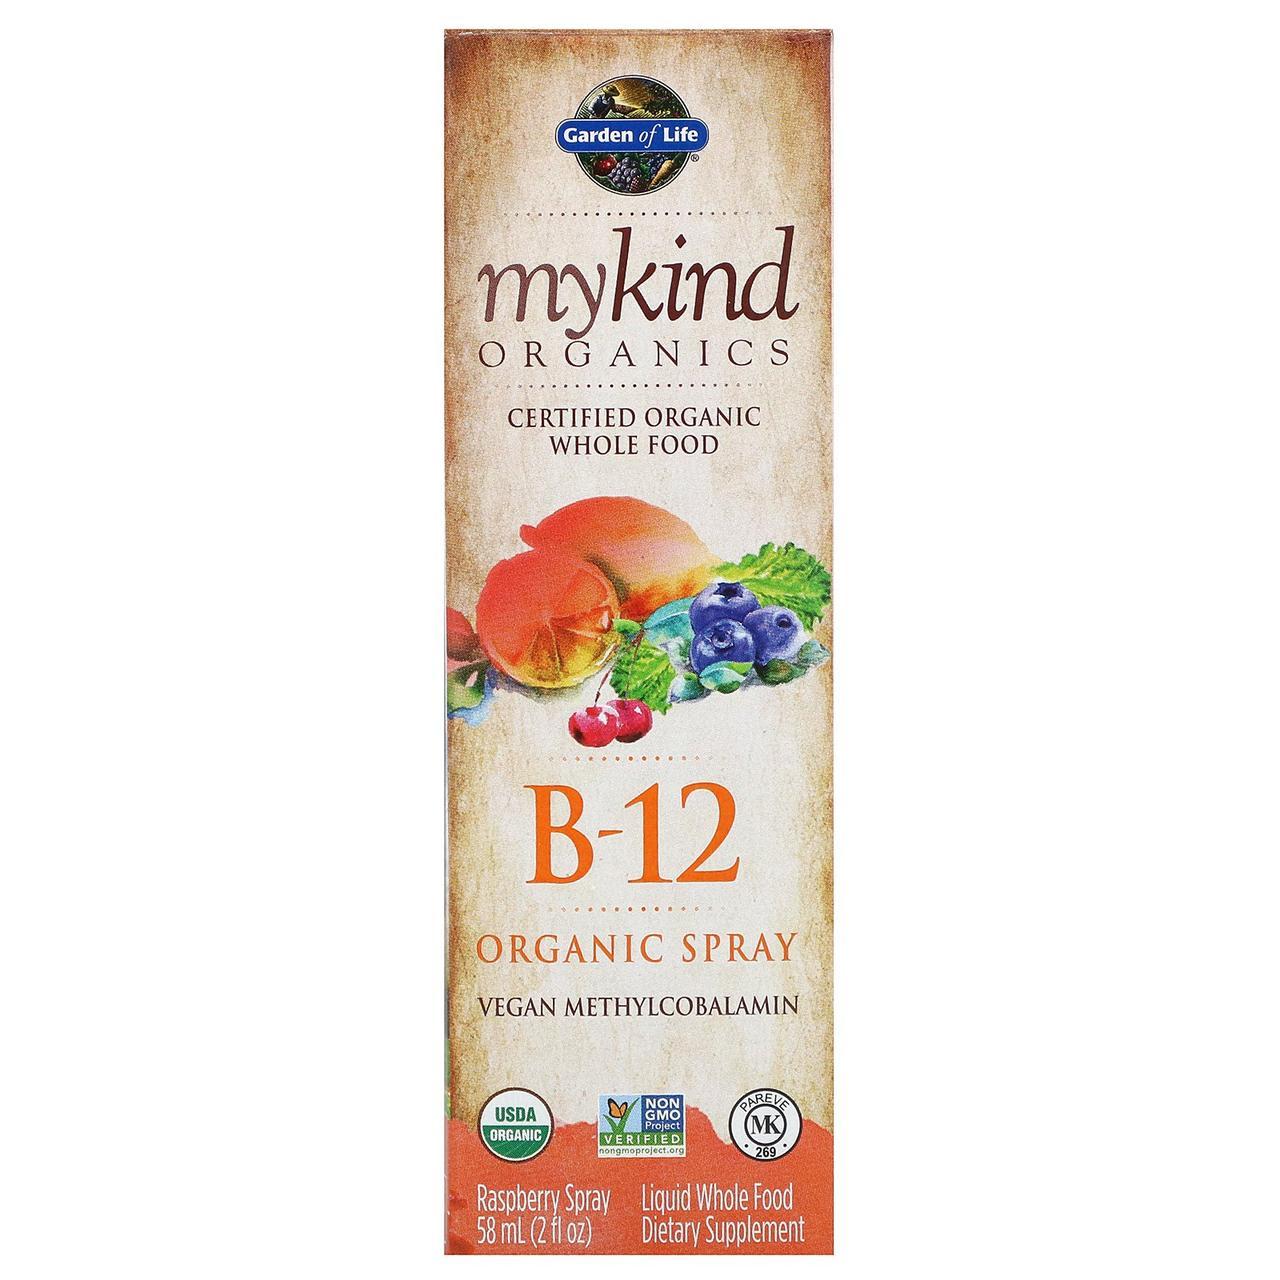 Витамин В12 спрей, вкус малины 58мл Garden of Life, MyKind